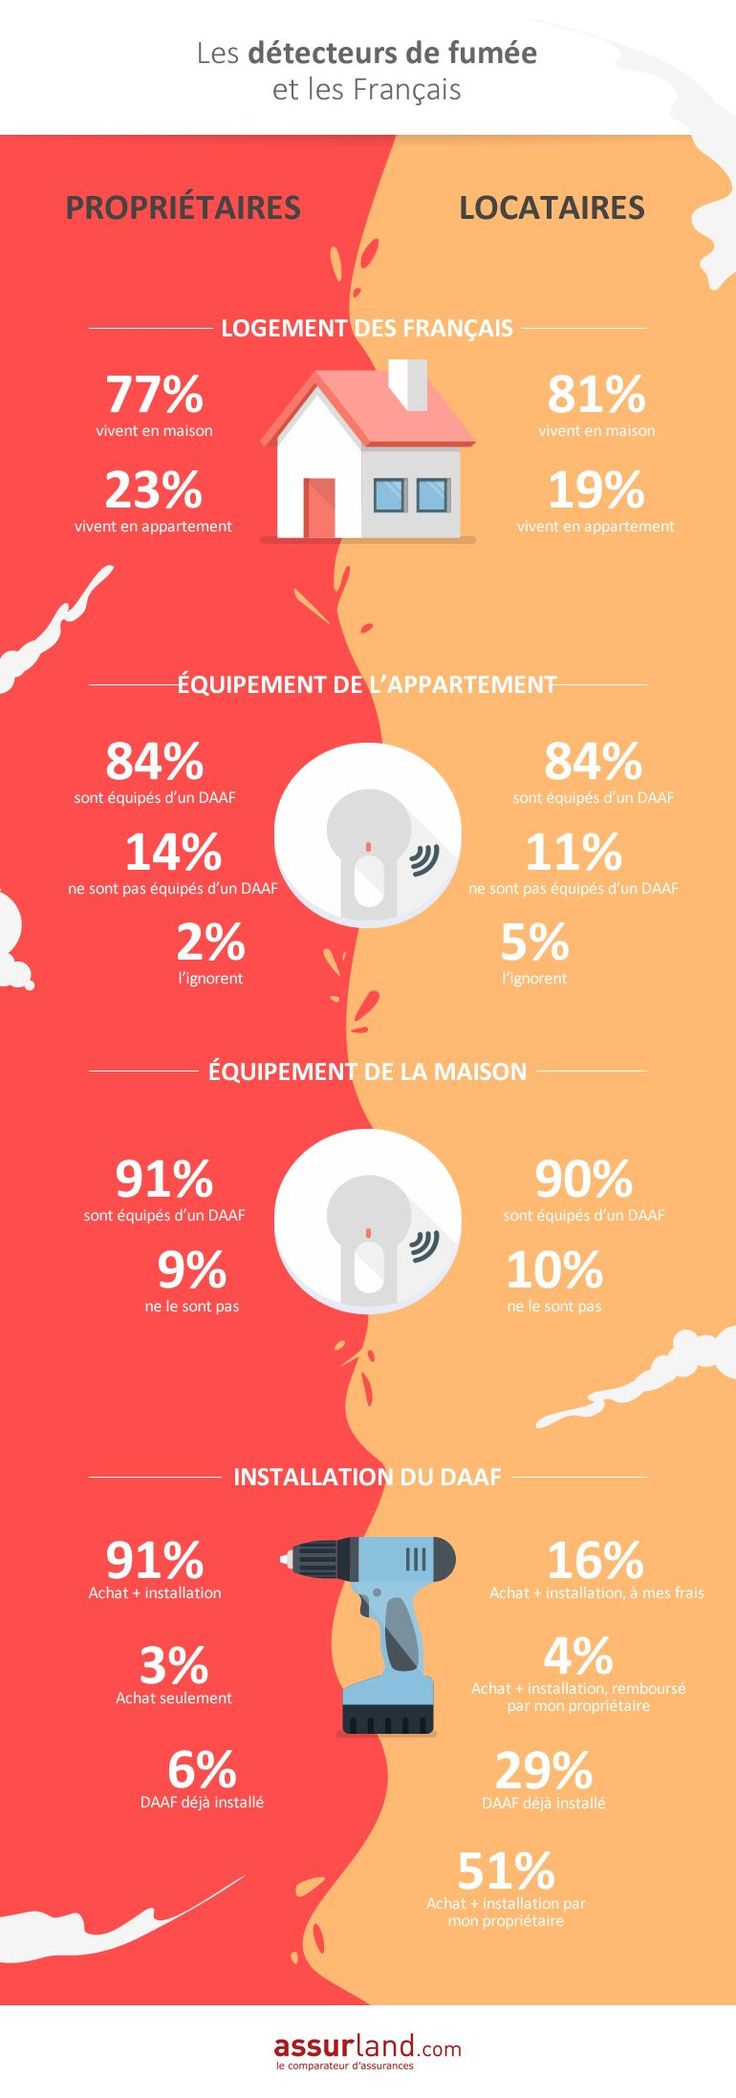 A l'occasion des 2 ans de la loi Morange qui pose l'obligation d'installation d'un détecteur de fumée dans le logement d'habitation, le comparateur d'assurances Assurland.com fait le point sur le taux d'équipement des foyers français.